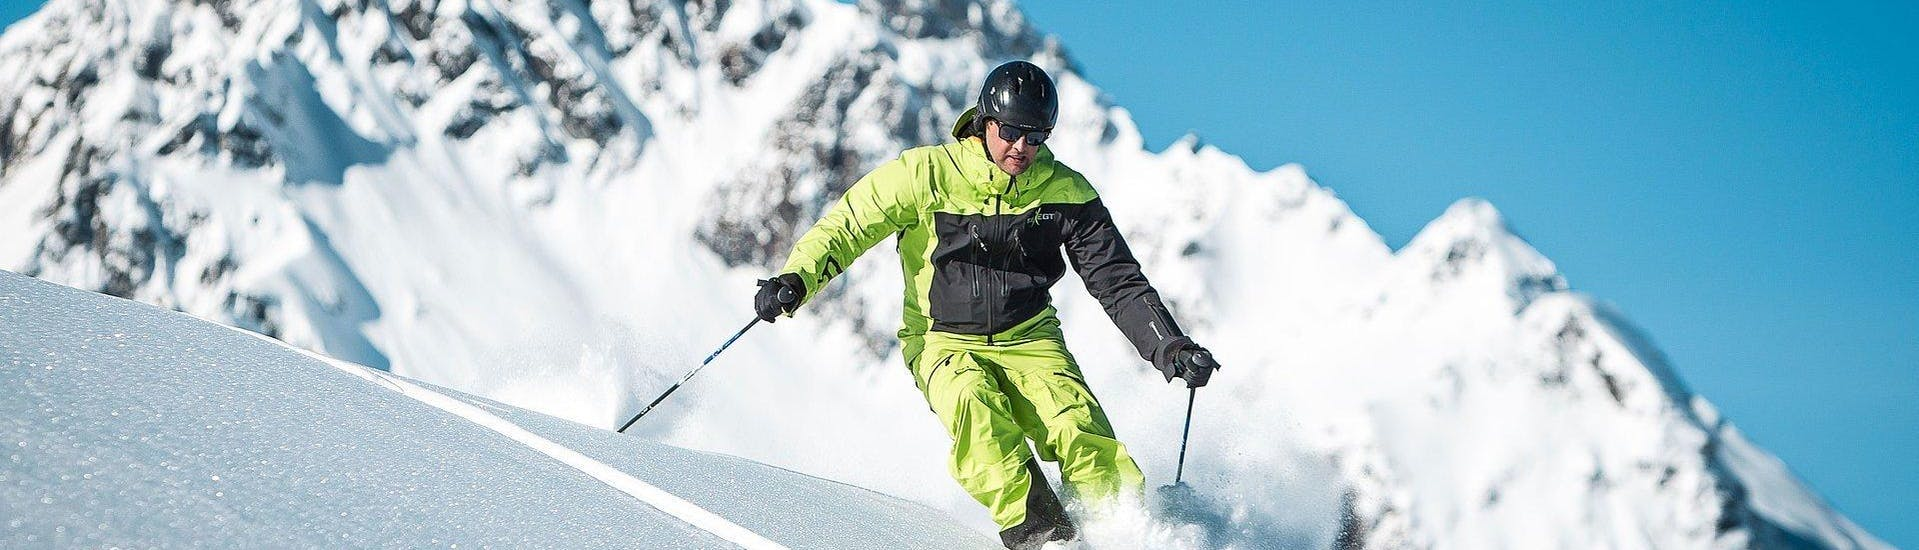 Privé Skilessen voor Volwassenen van Alle Niveaus met Ski School Bewegt Kaprun - Hero image